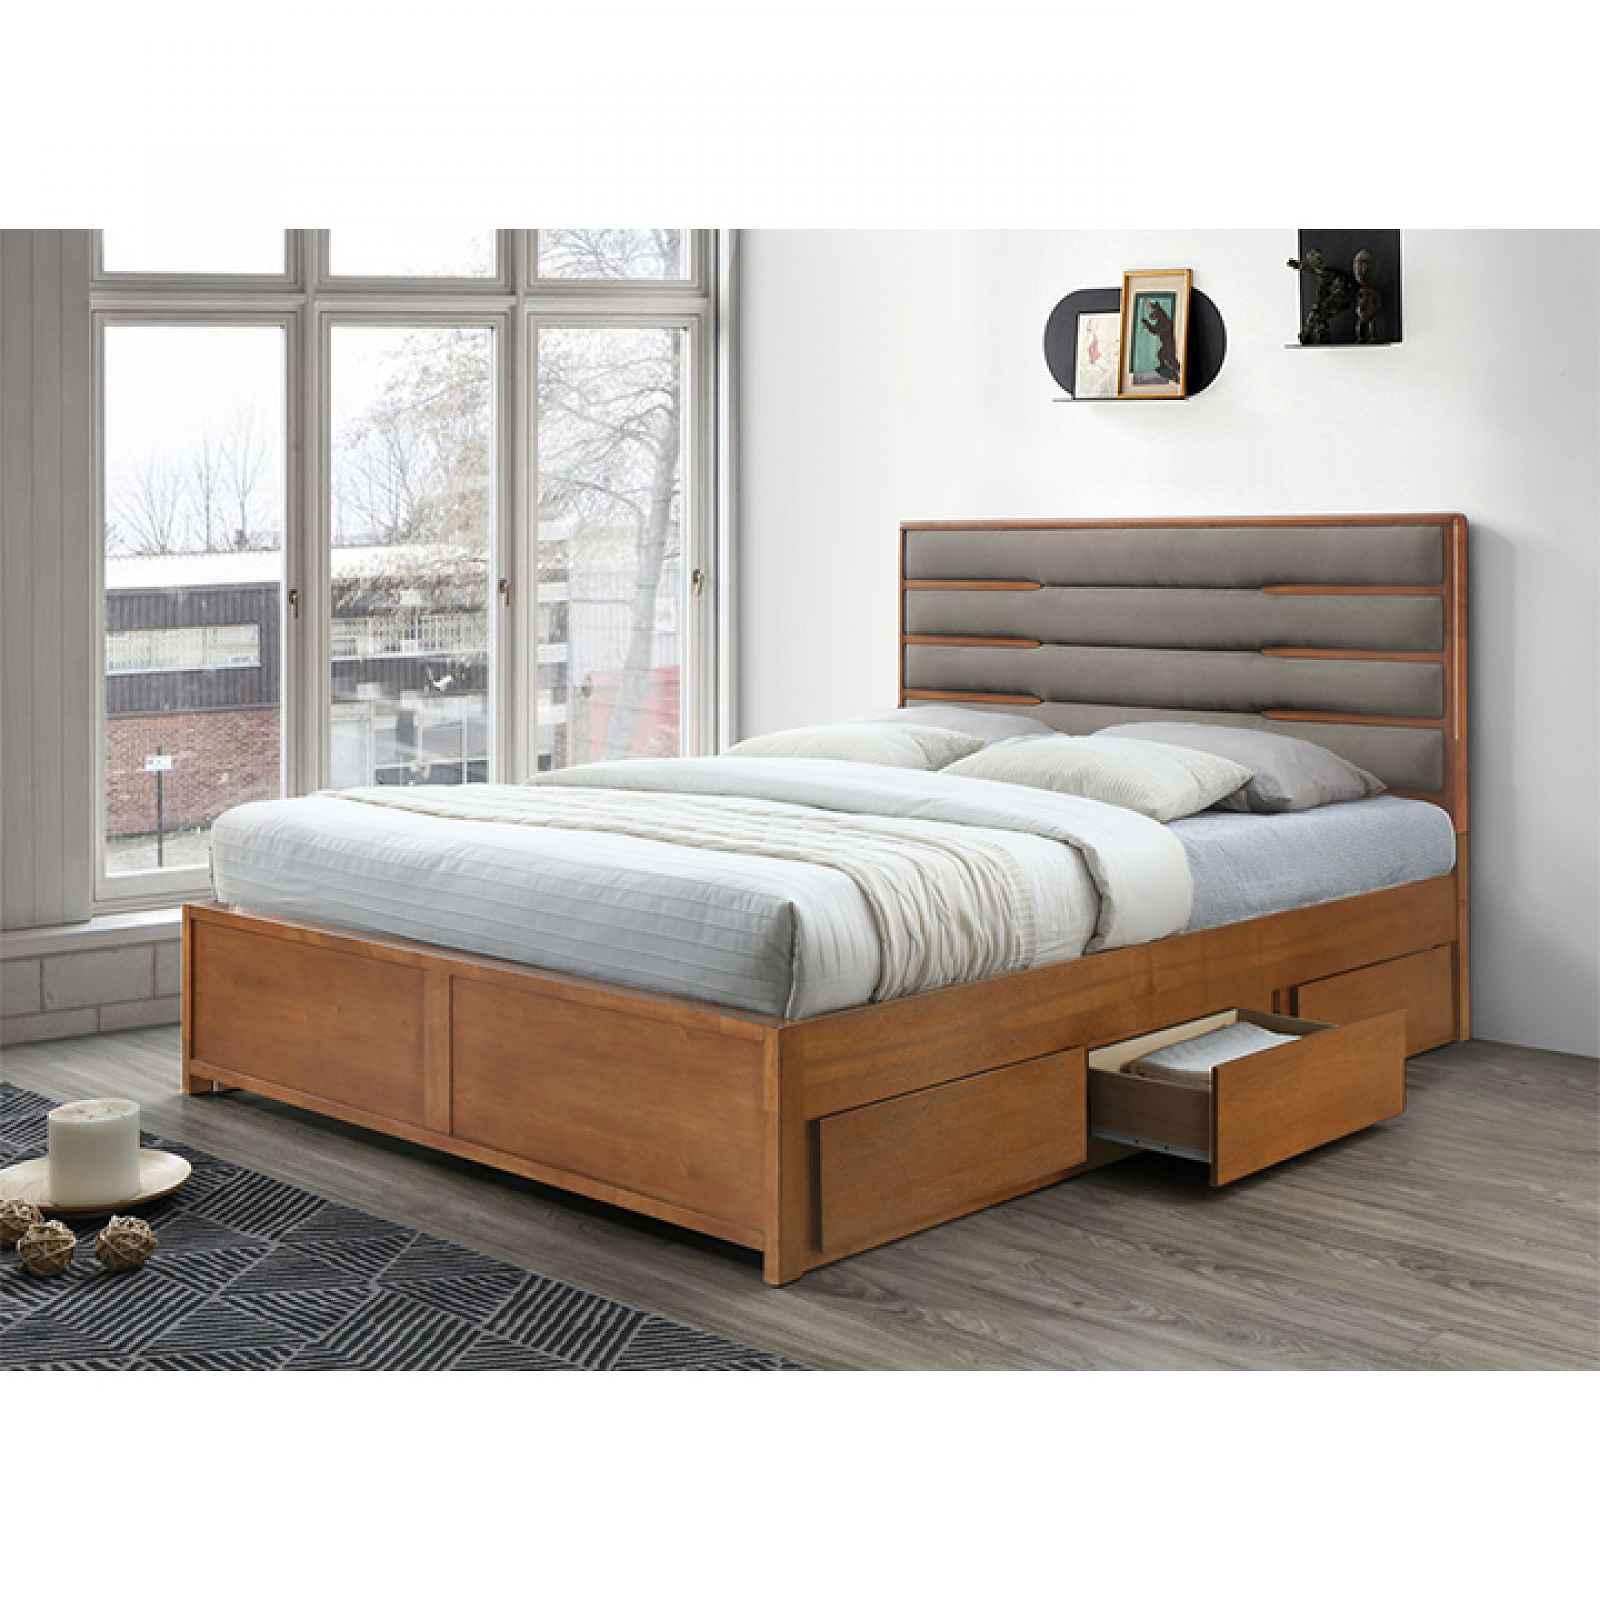 Manželská postel BETRA ořech / béžová Tempo Kondela 160 x 200 cm